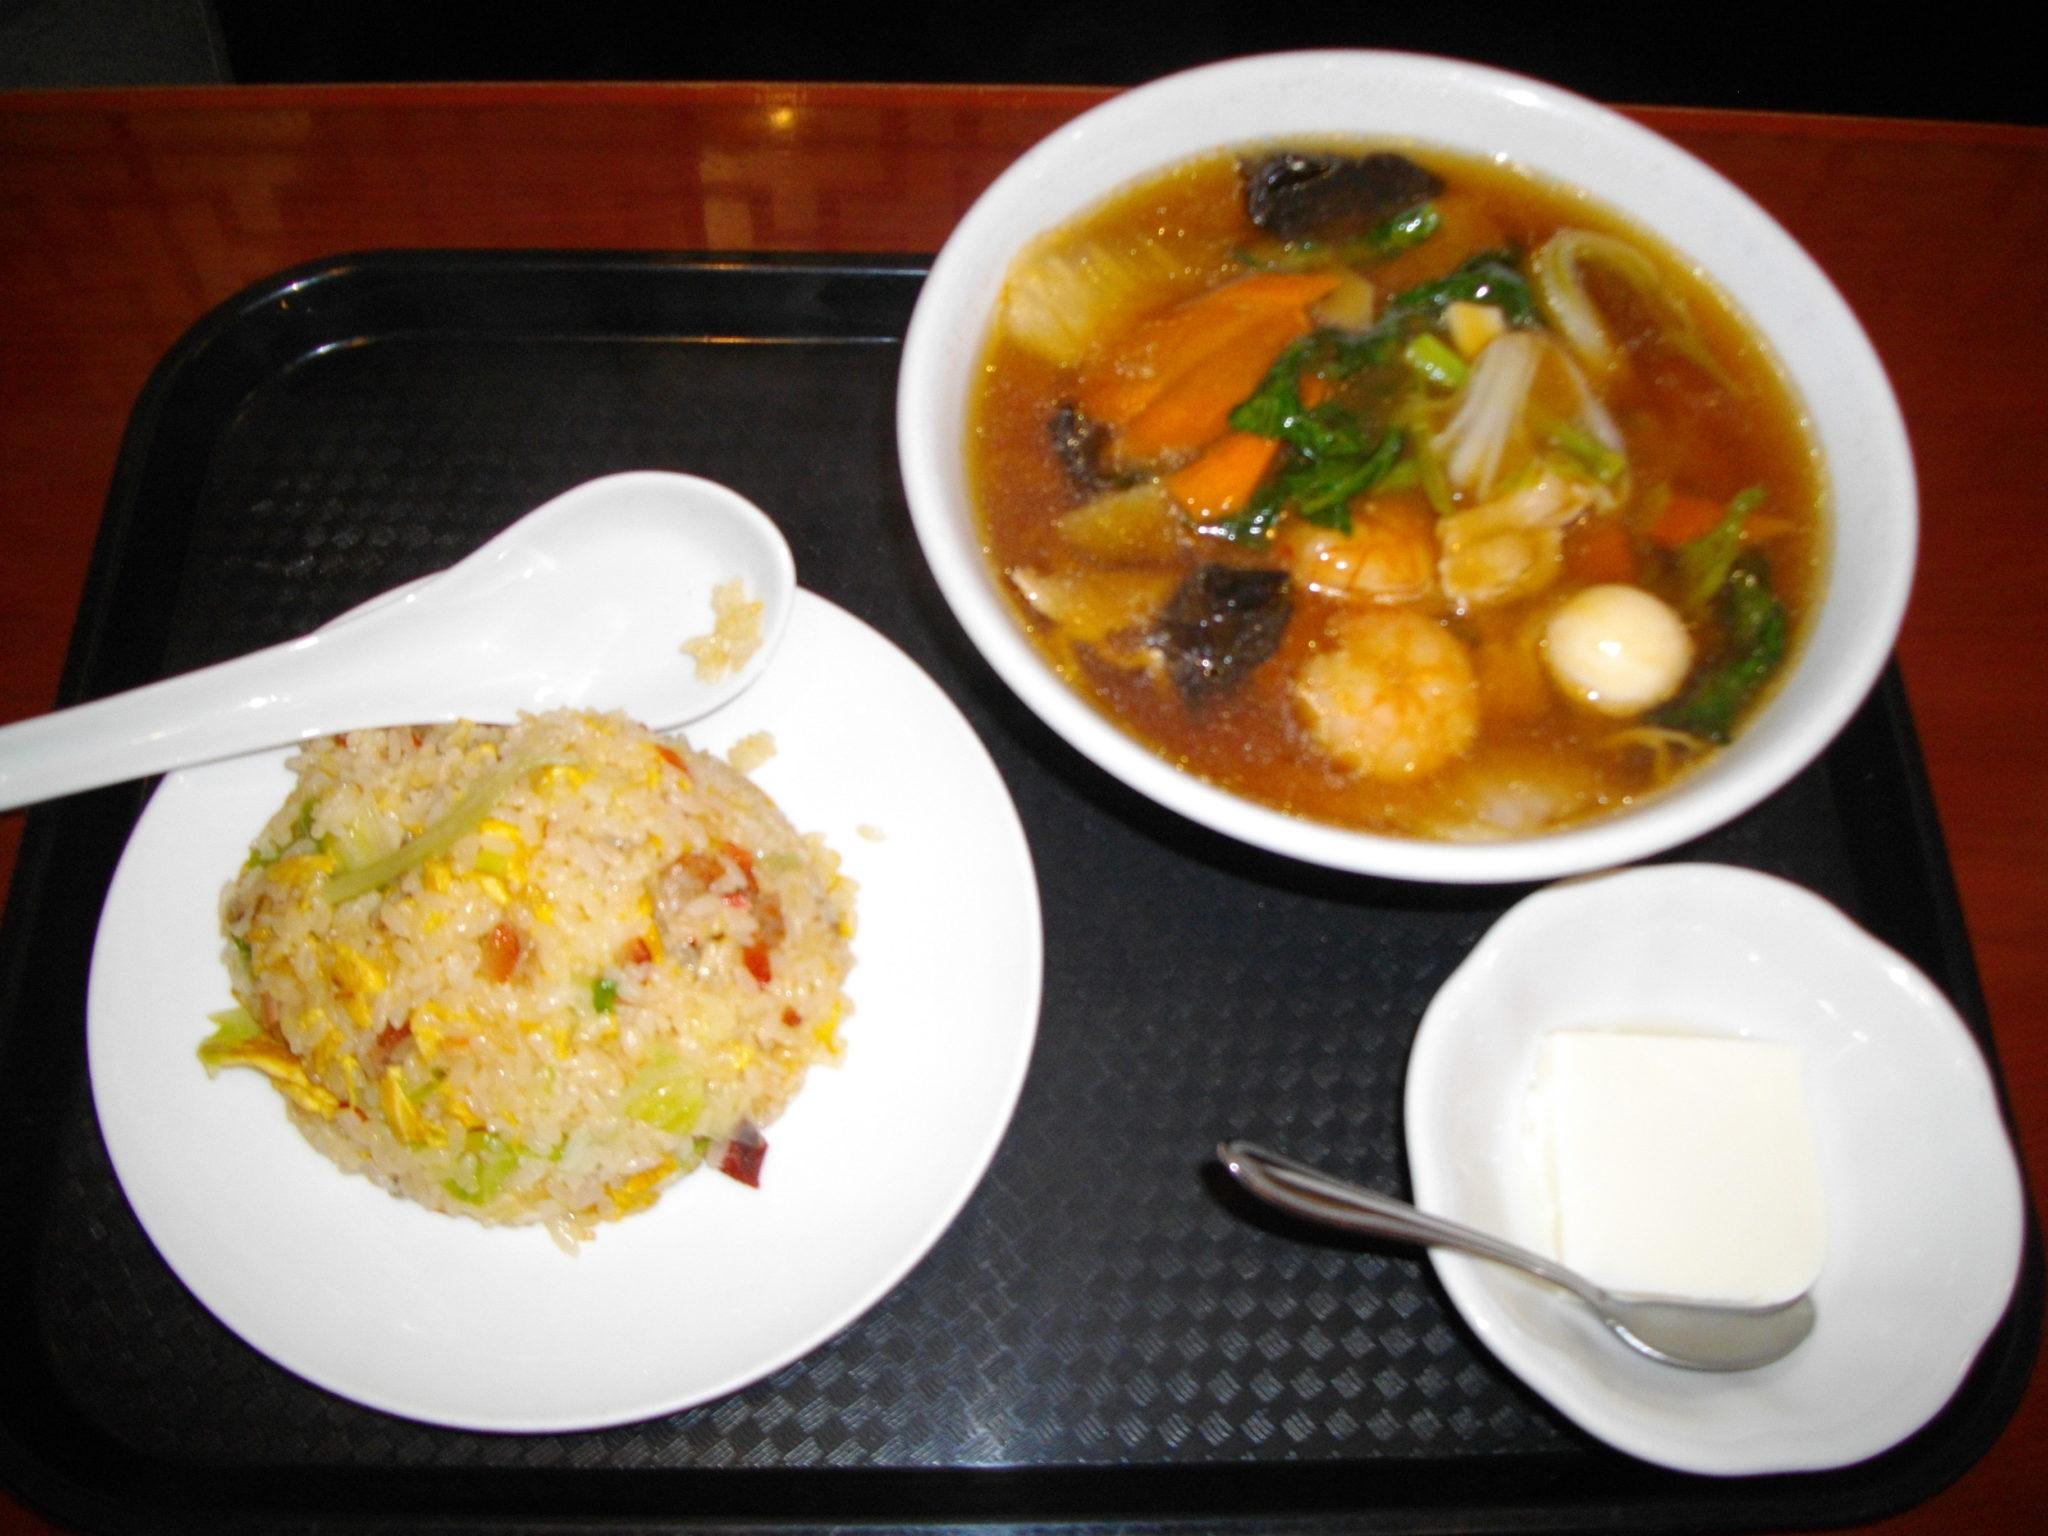 唐庄酒家!五目タン麺が激うま!半チャーハンセットがお得?